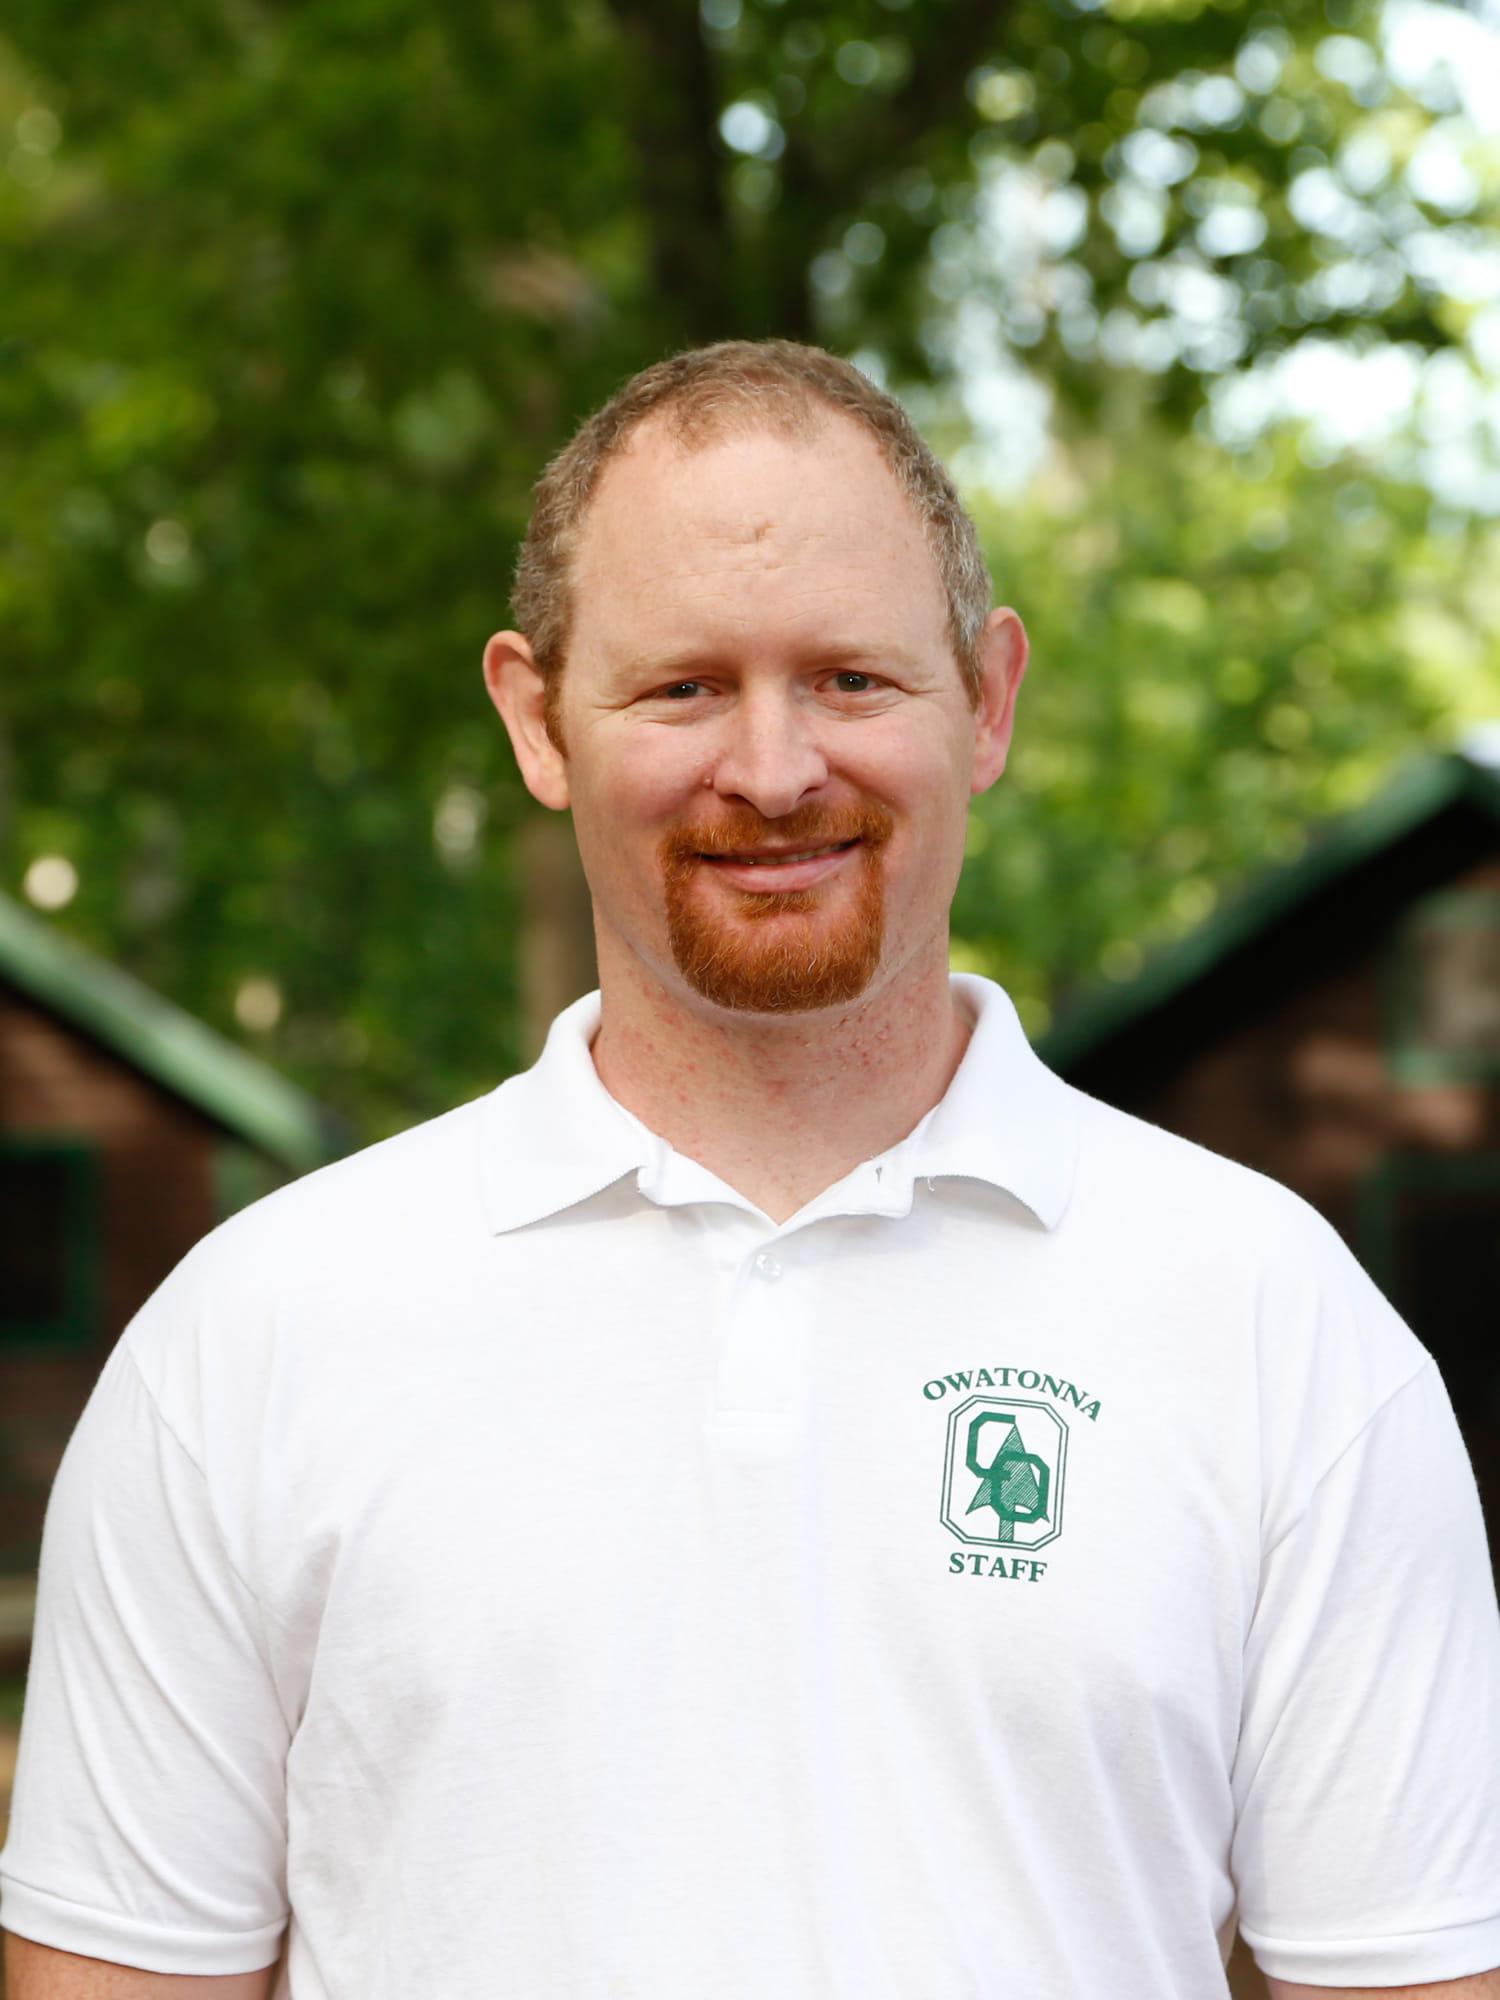 Reid Charlston, Owatonna Director